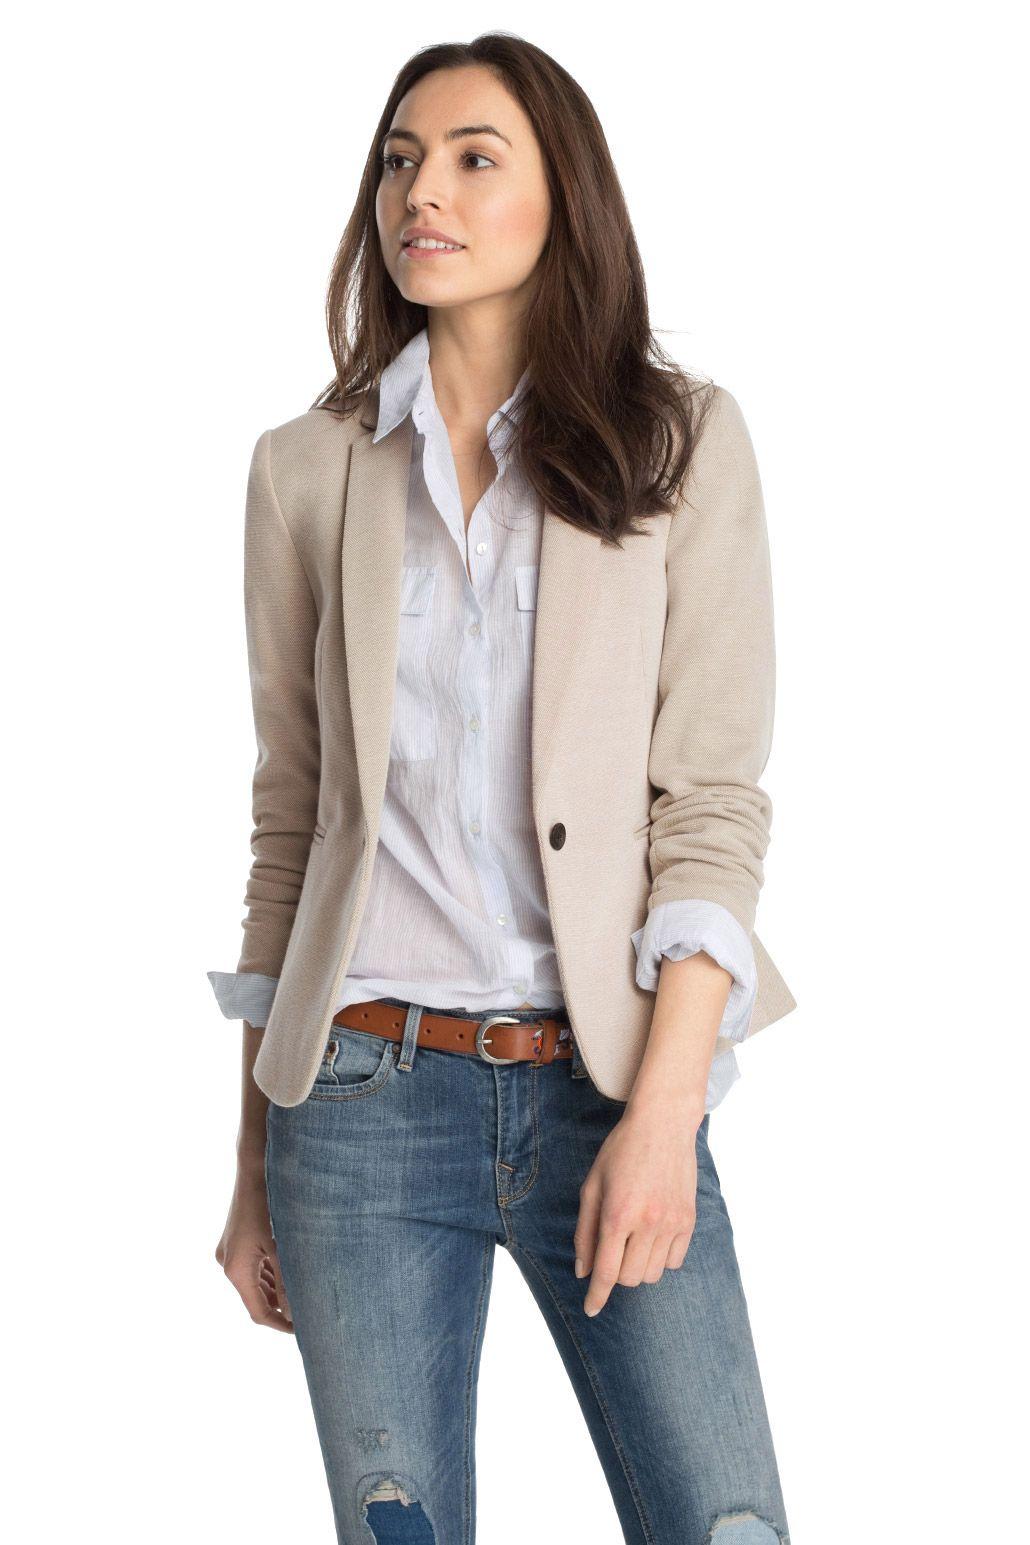 Esprit - Stretch Pique Jersey Blazer im Online Shop kaufen ... b75585c17c